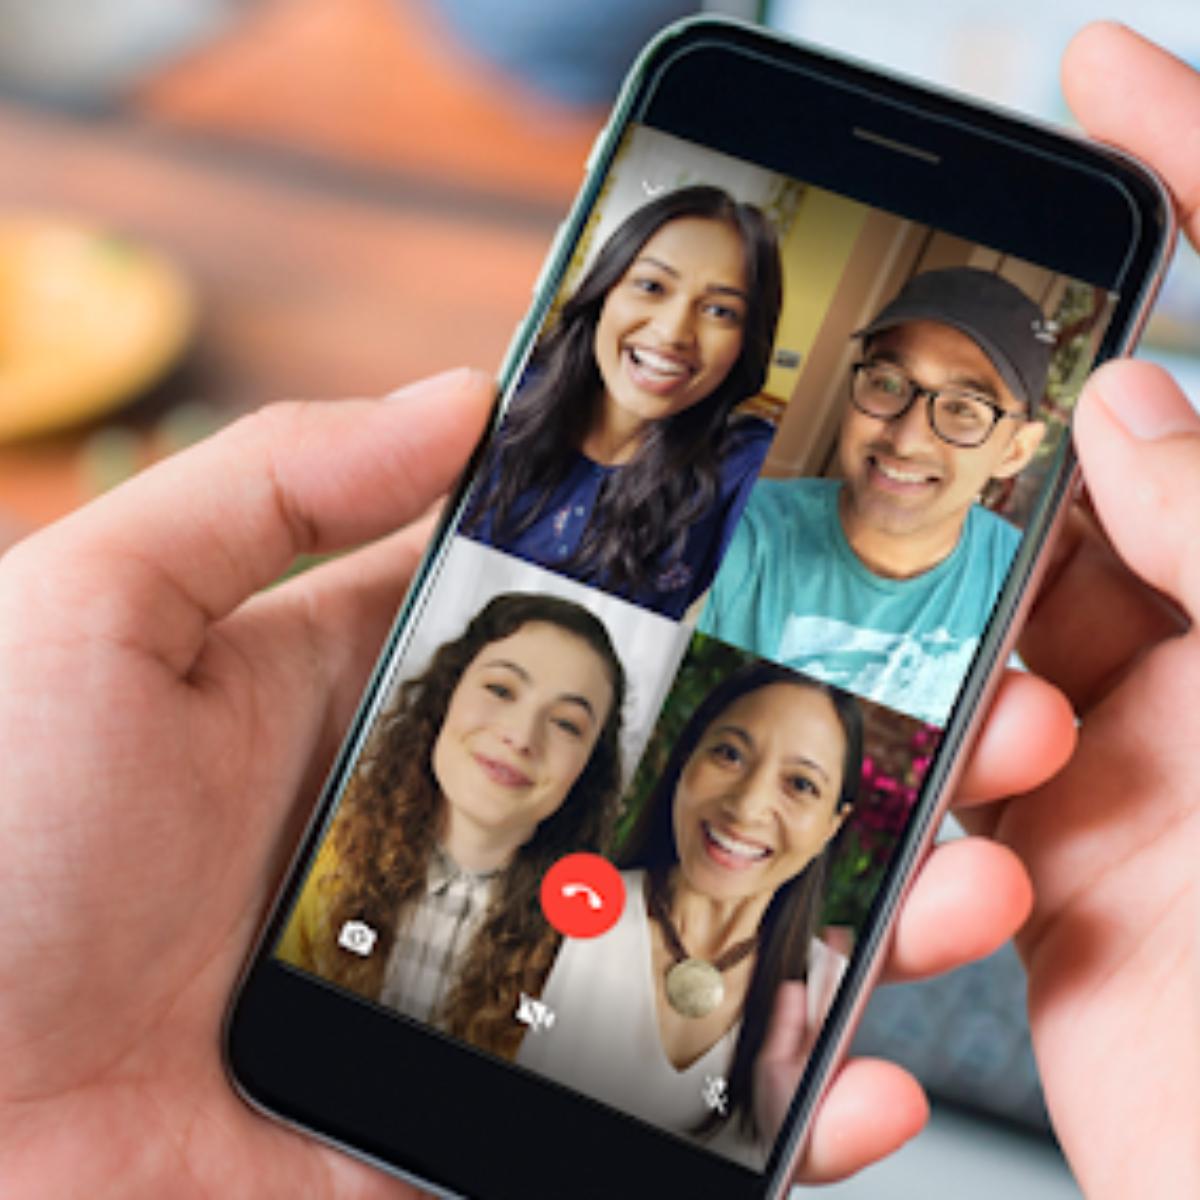 Las mejores aplicaciones de videollamadas para hablar con tu familia del  otro lado de la frontera | Bolavip